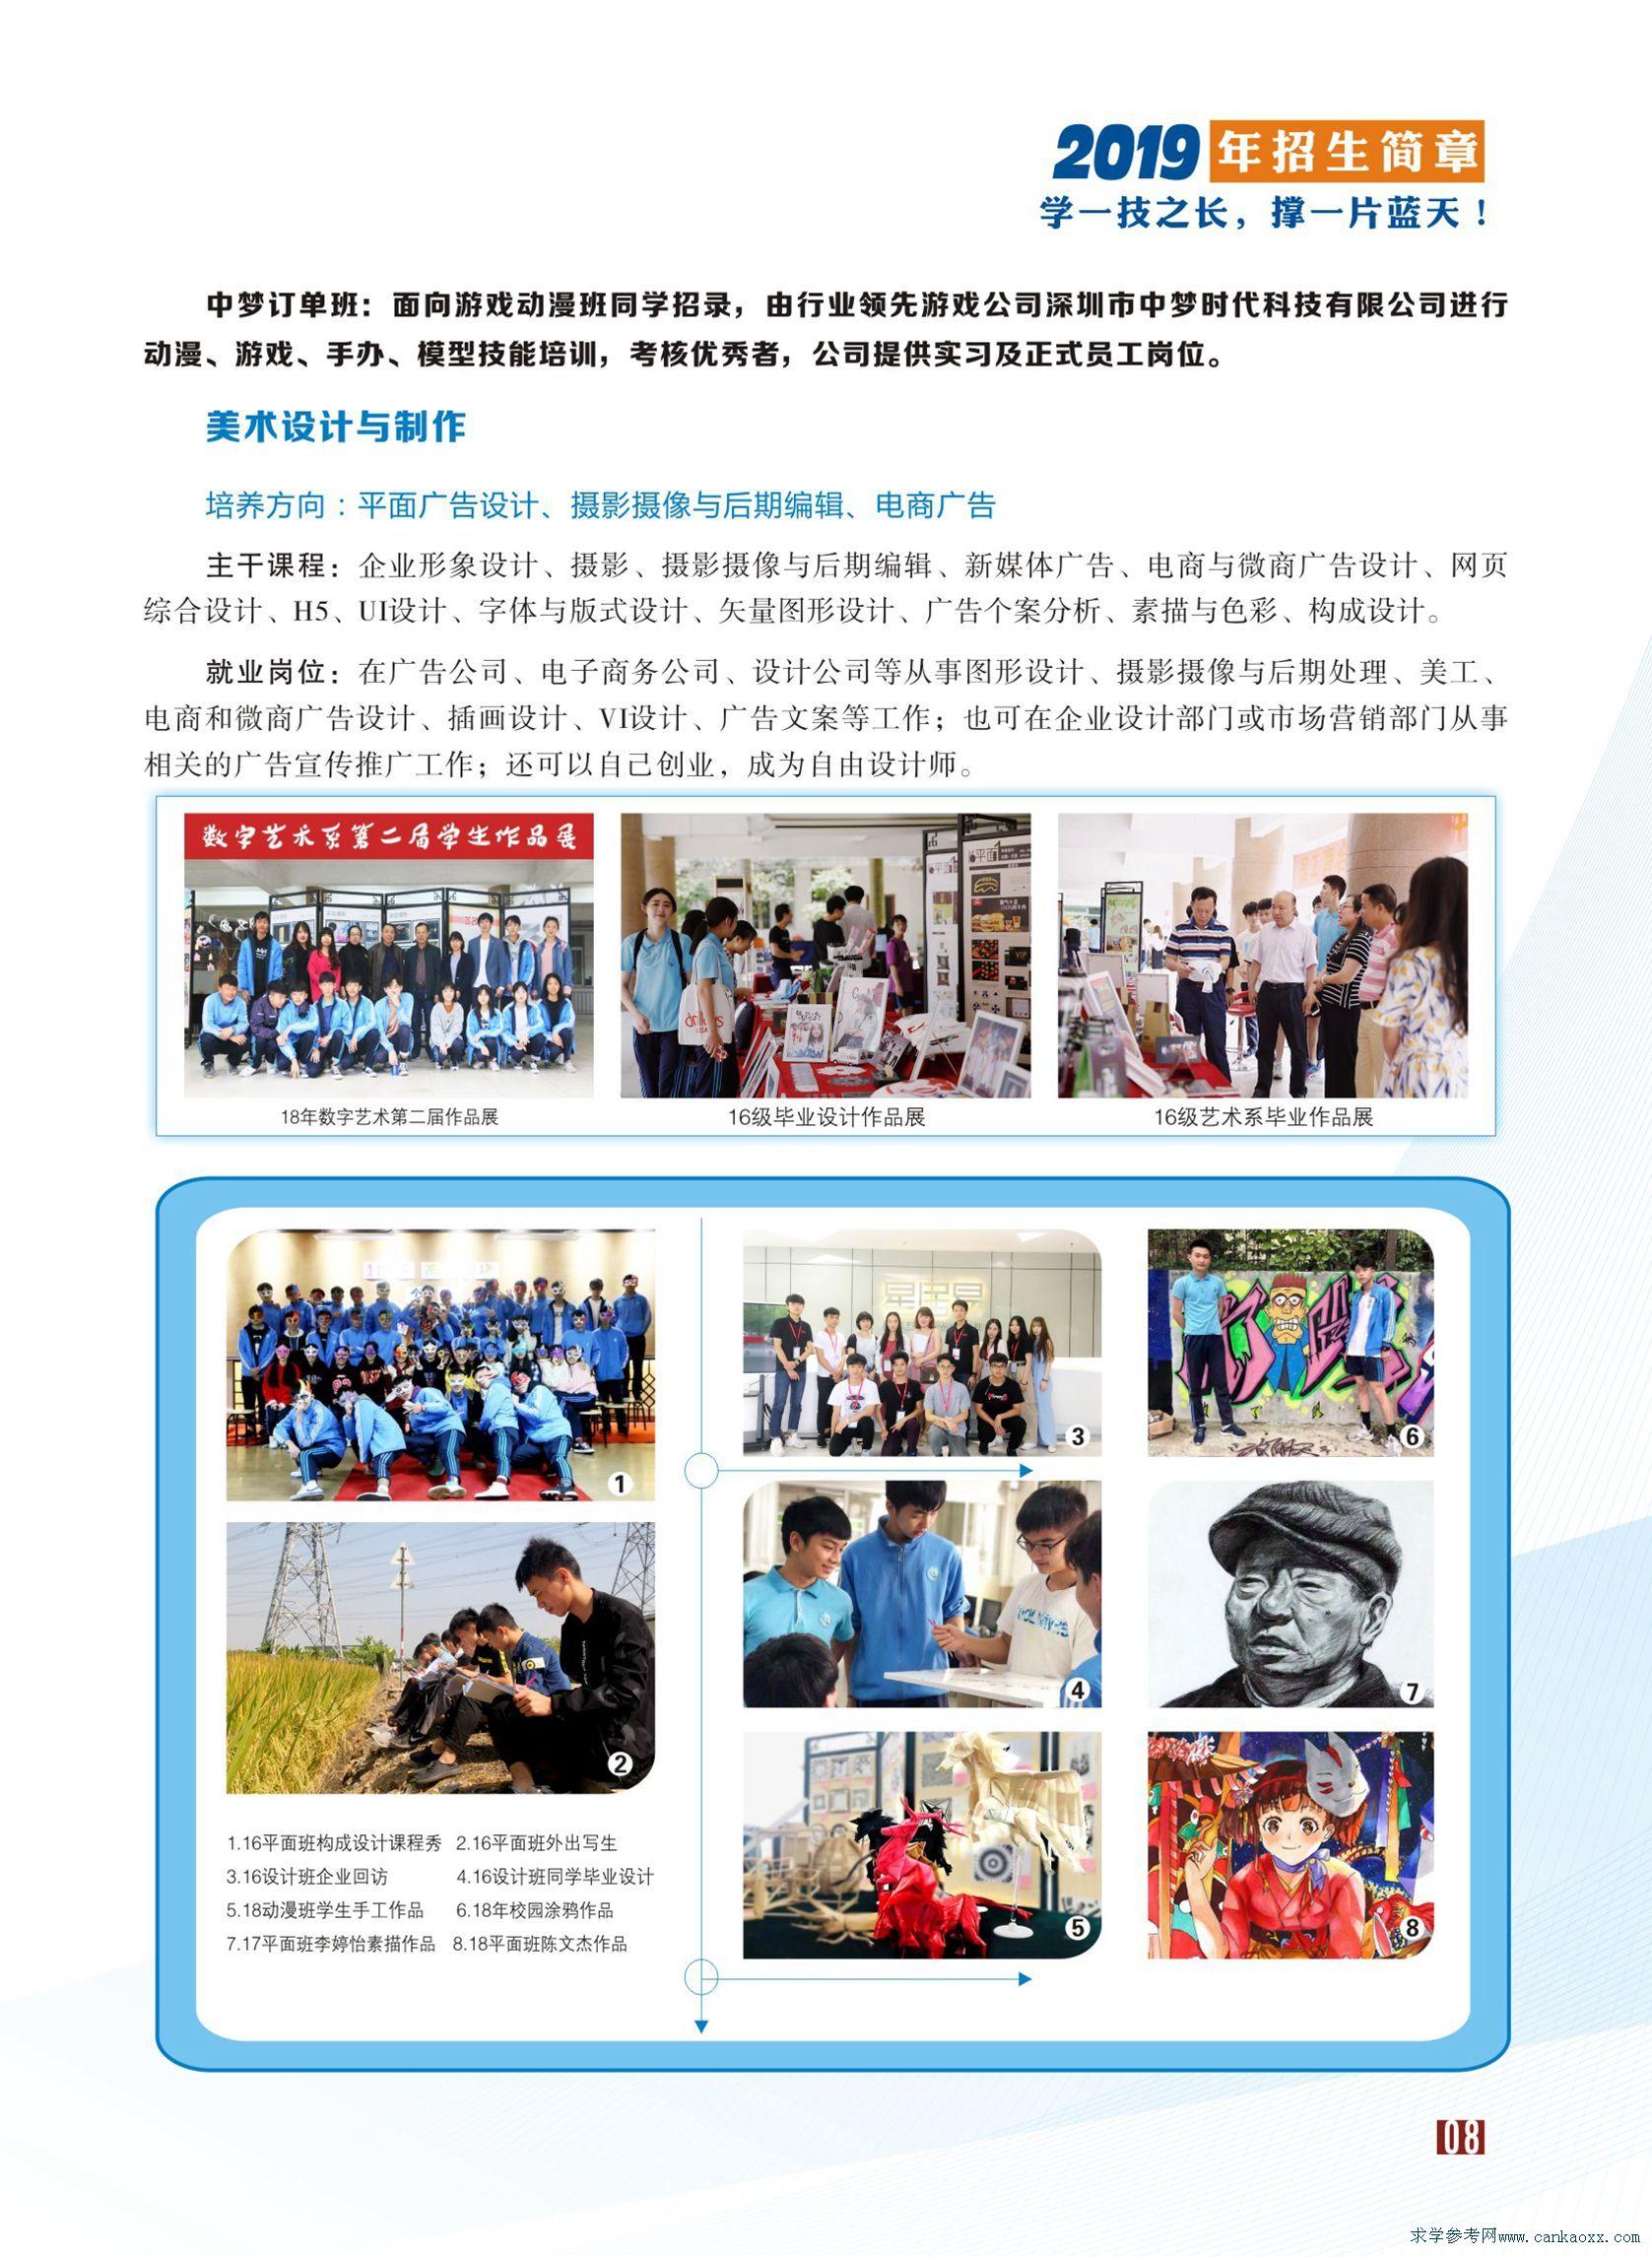 2019广东电子职业技术学校招生简章(图)(9)